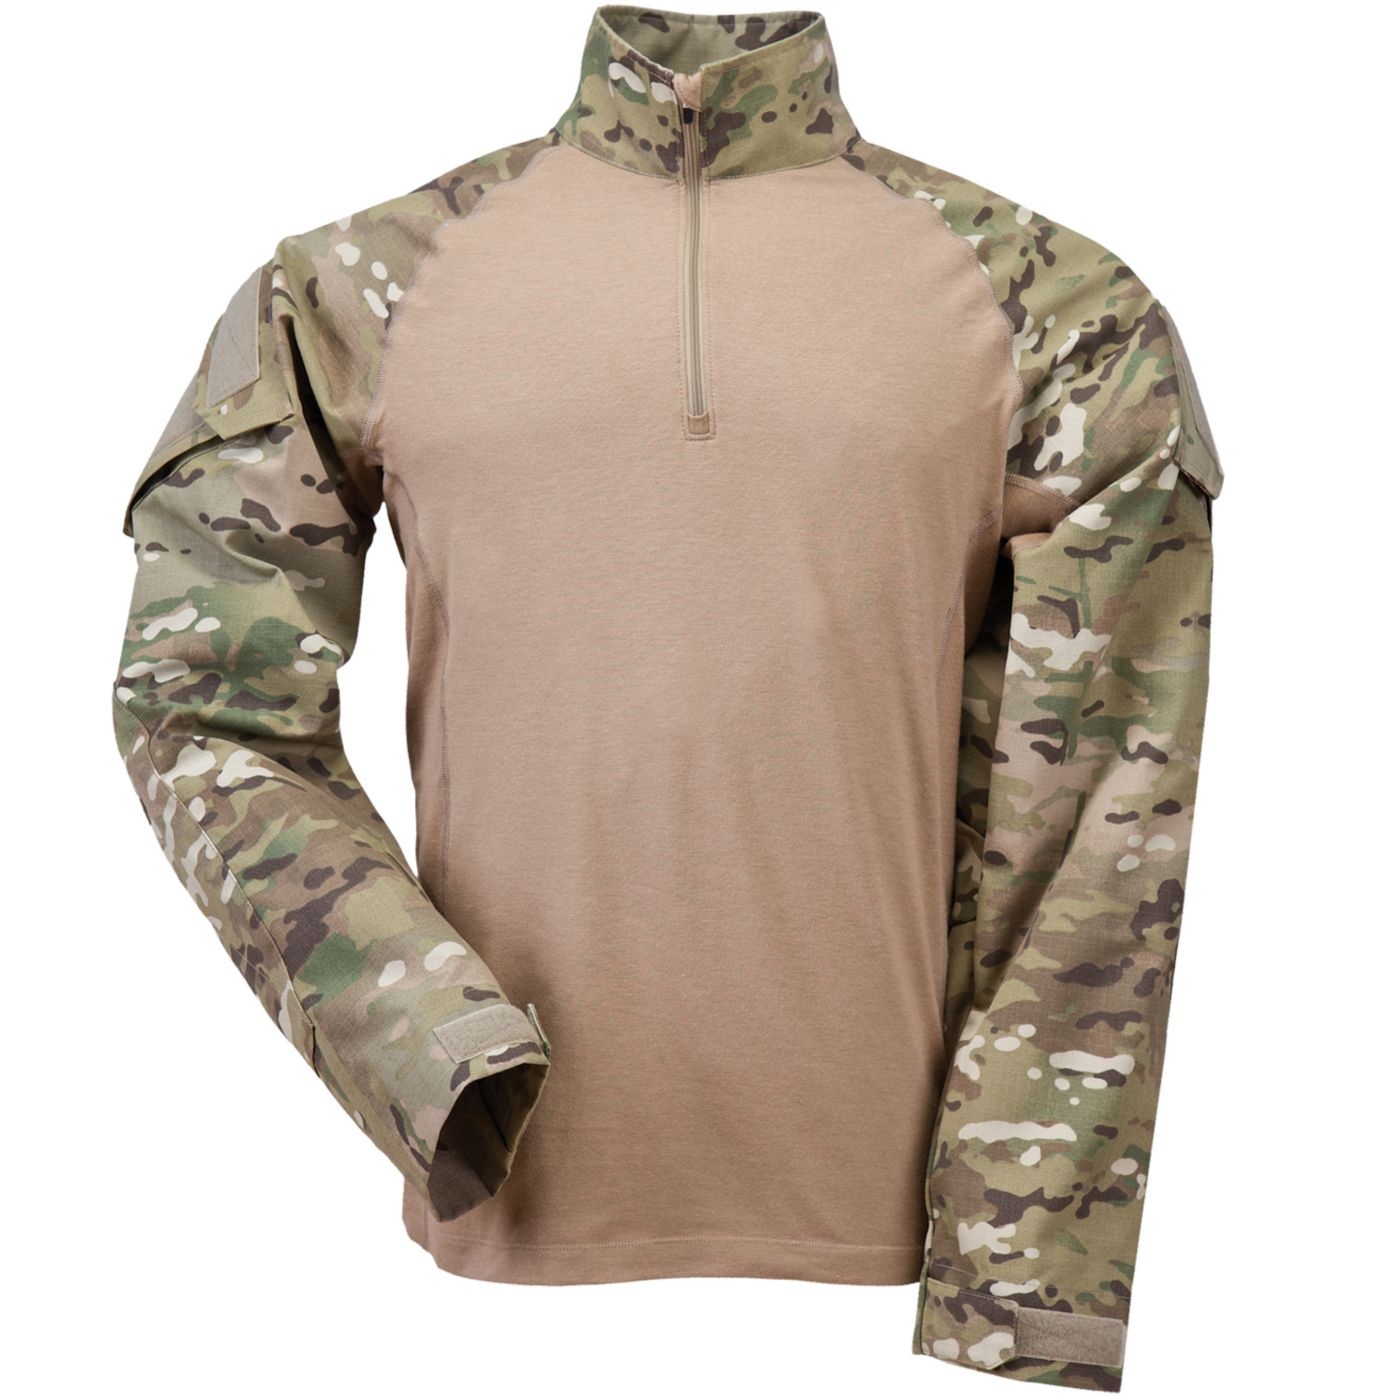 5.11 Tactical Men's MultiCam TDU Rapid Assault Long Sleeve Shirt